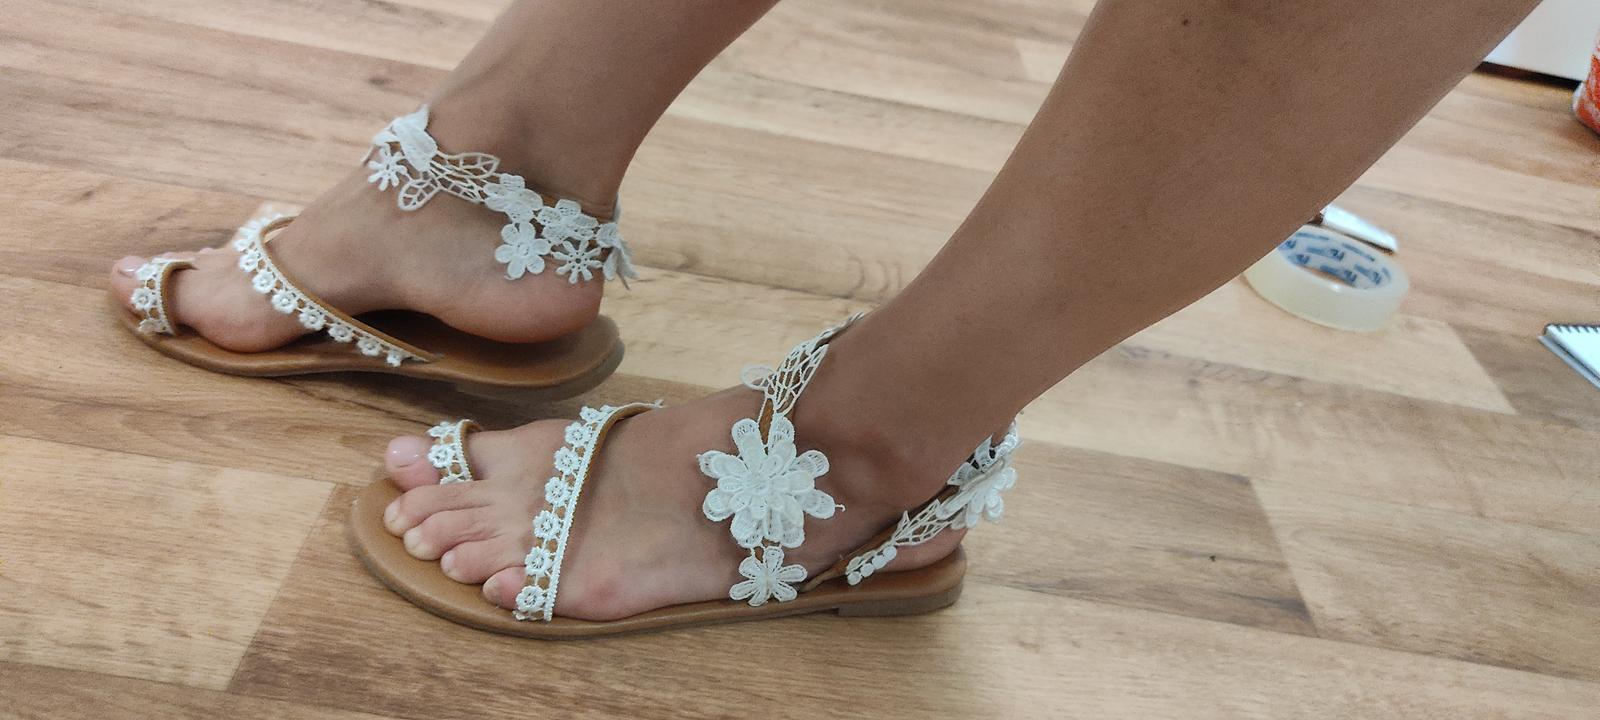 Svatební sandálky - Obrázek č. 1